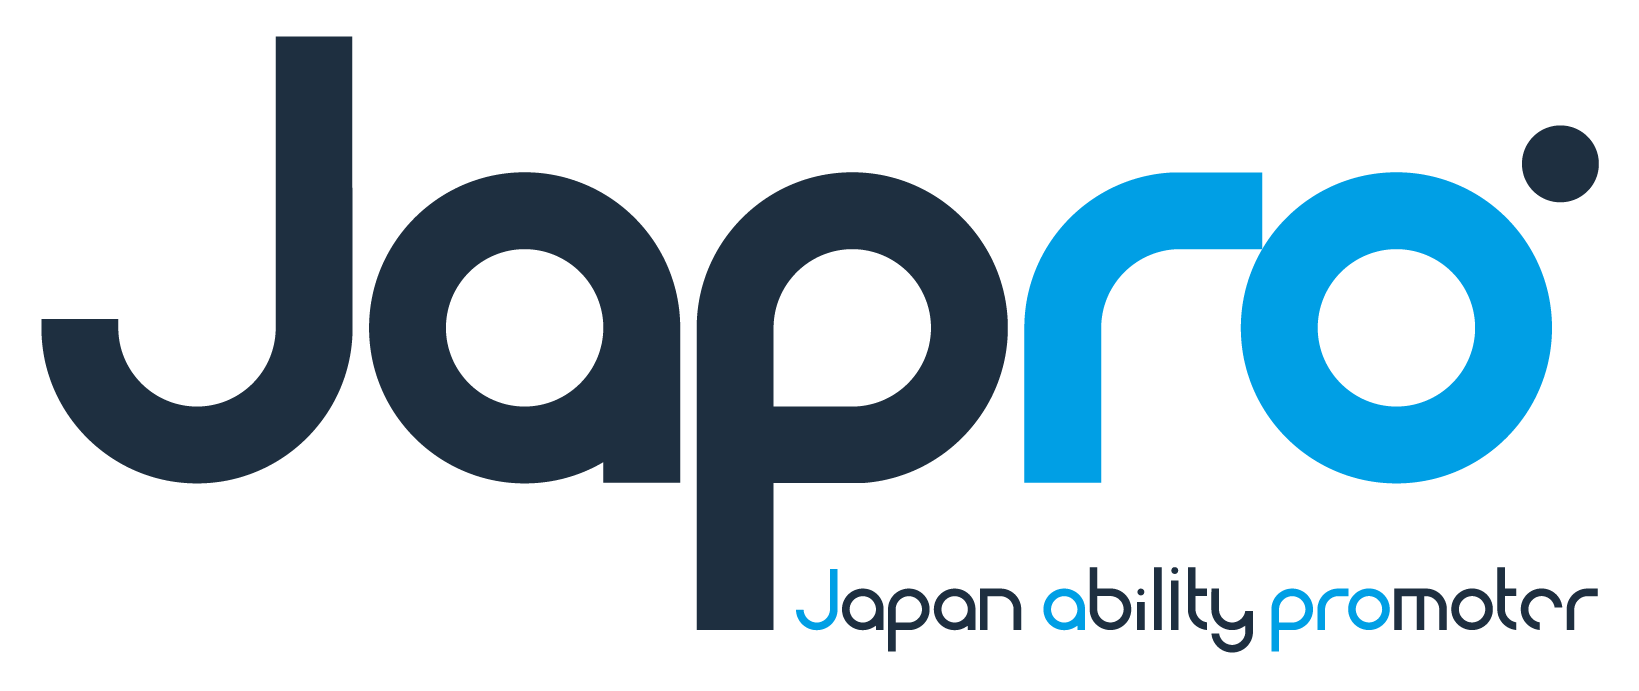 株式会社Japro - イベントスタッフ イベント制作 運営 -